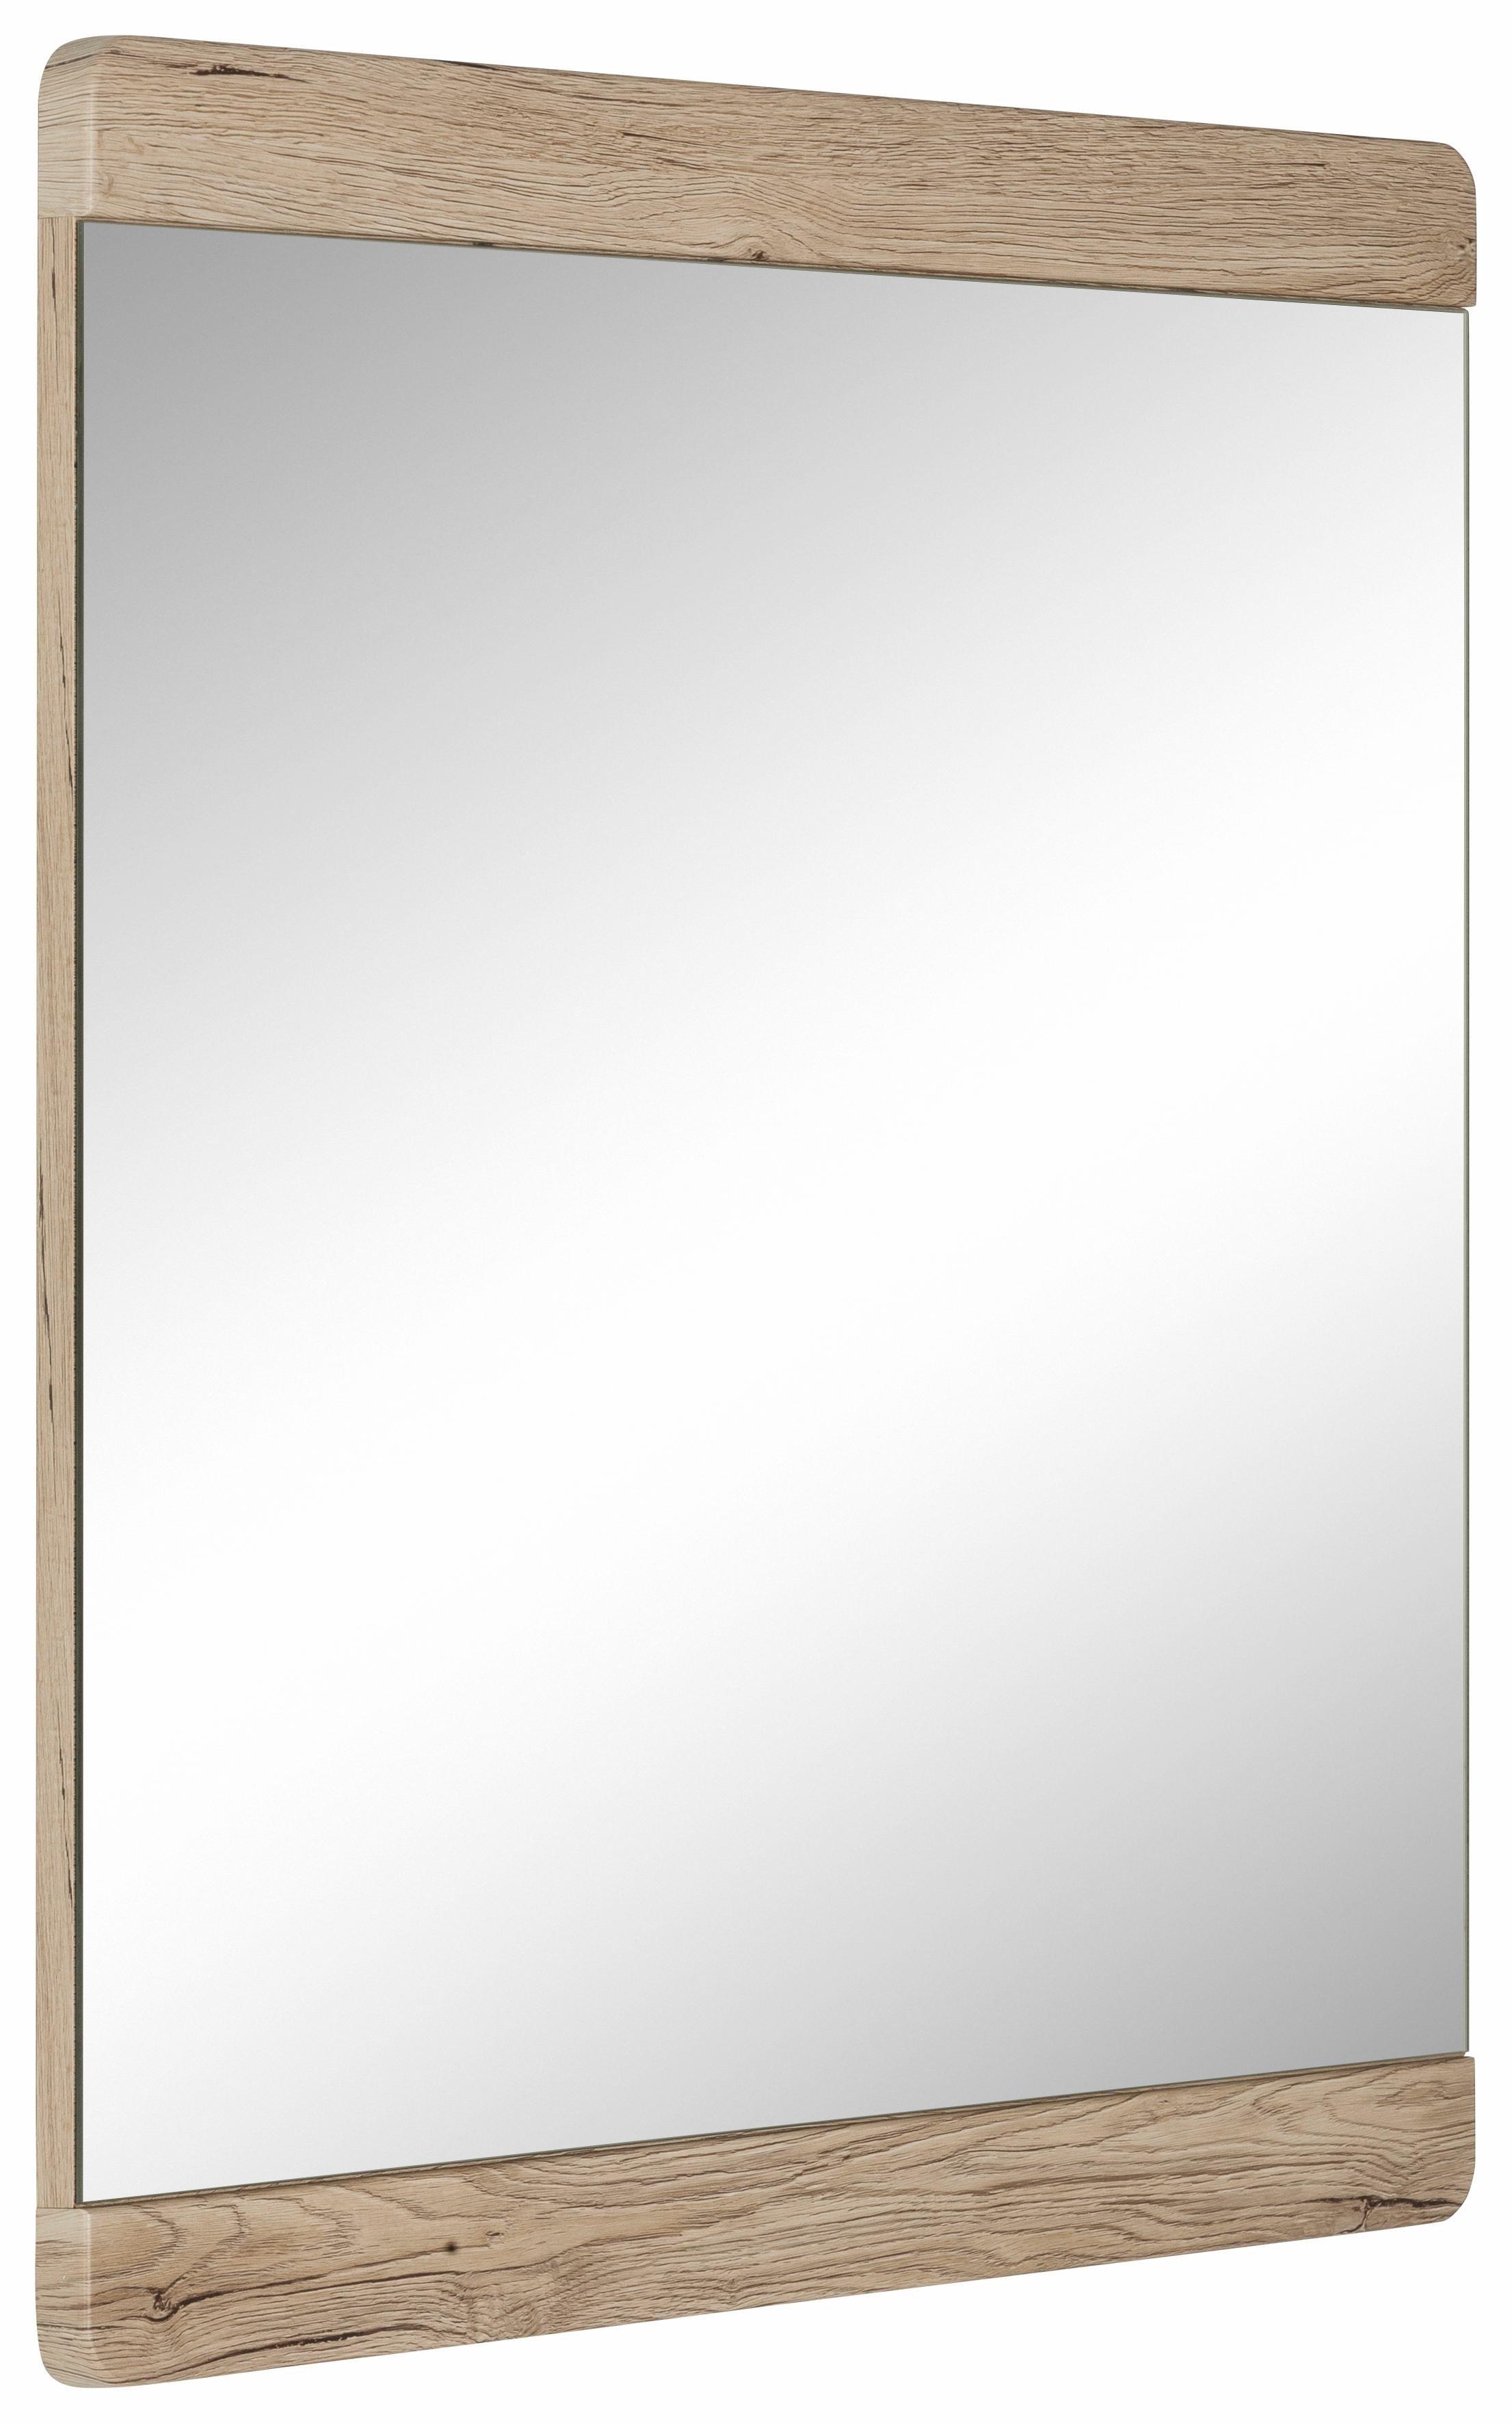 Trendteam WELLTIME spiegel »Malea« goedkoop op otto.nl kopen